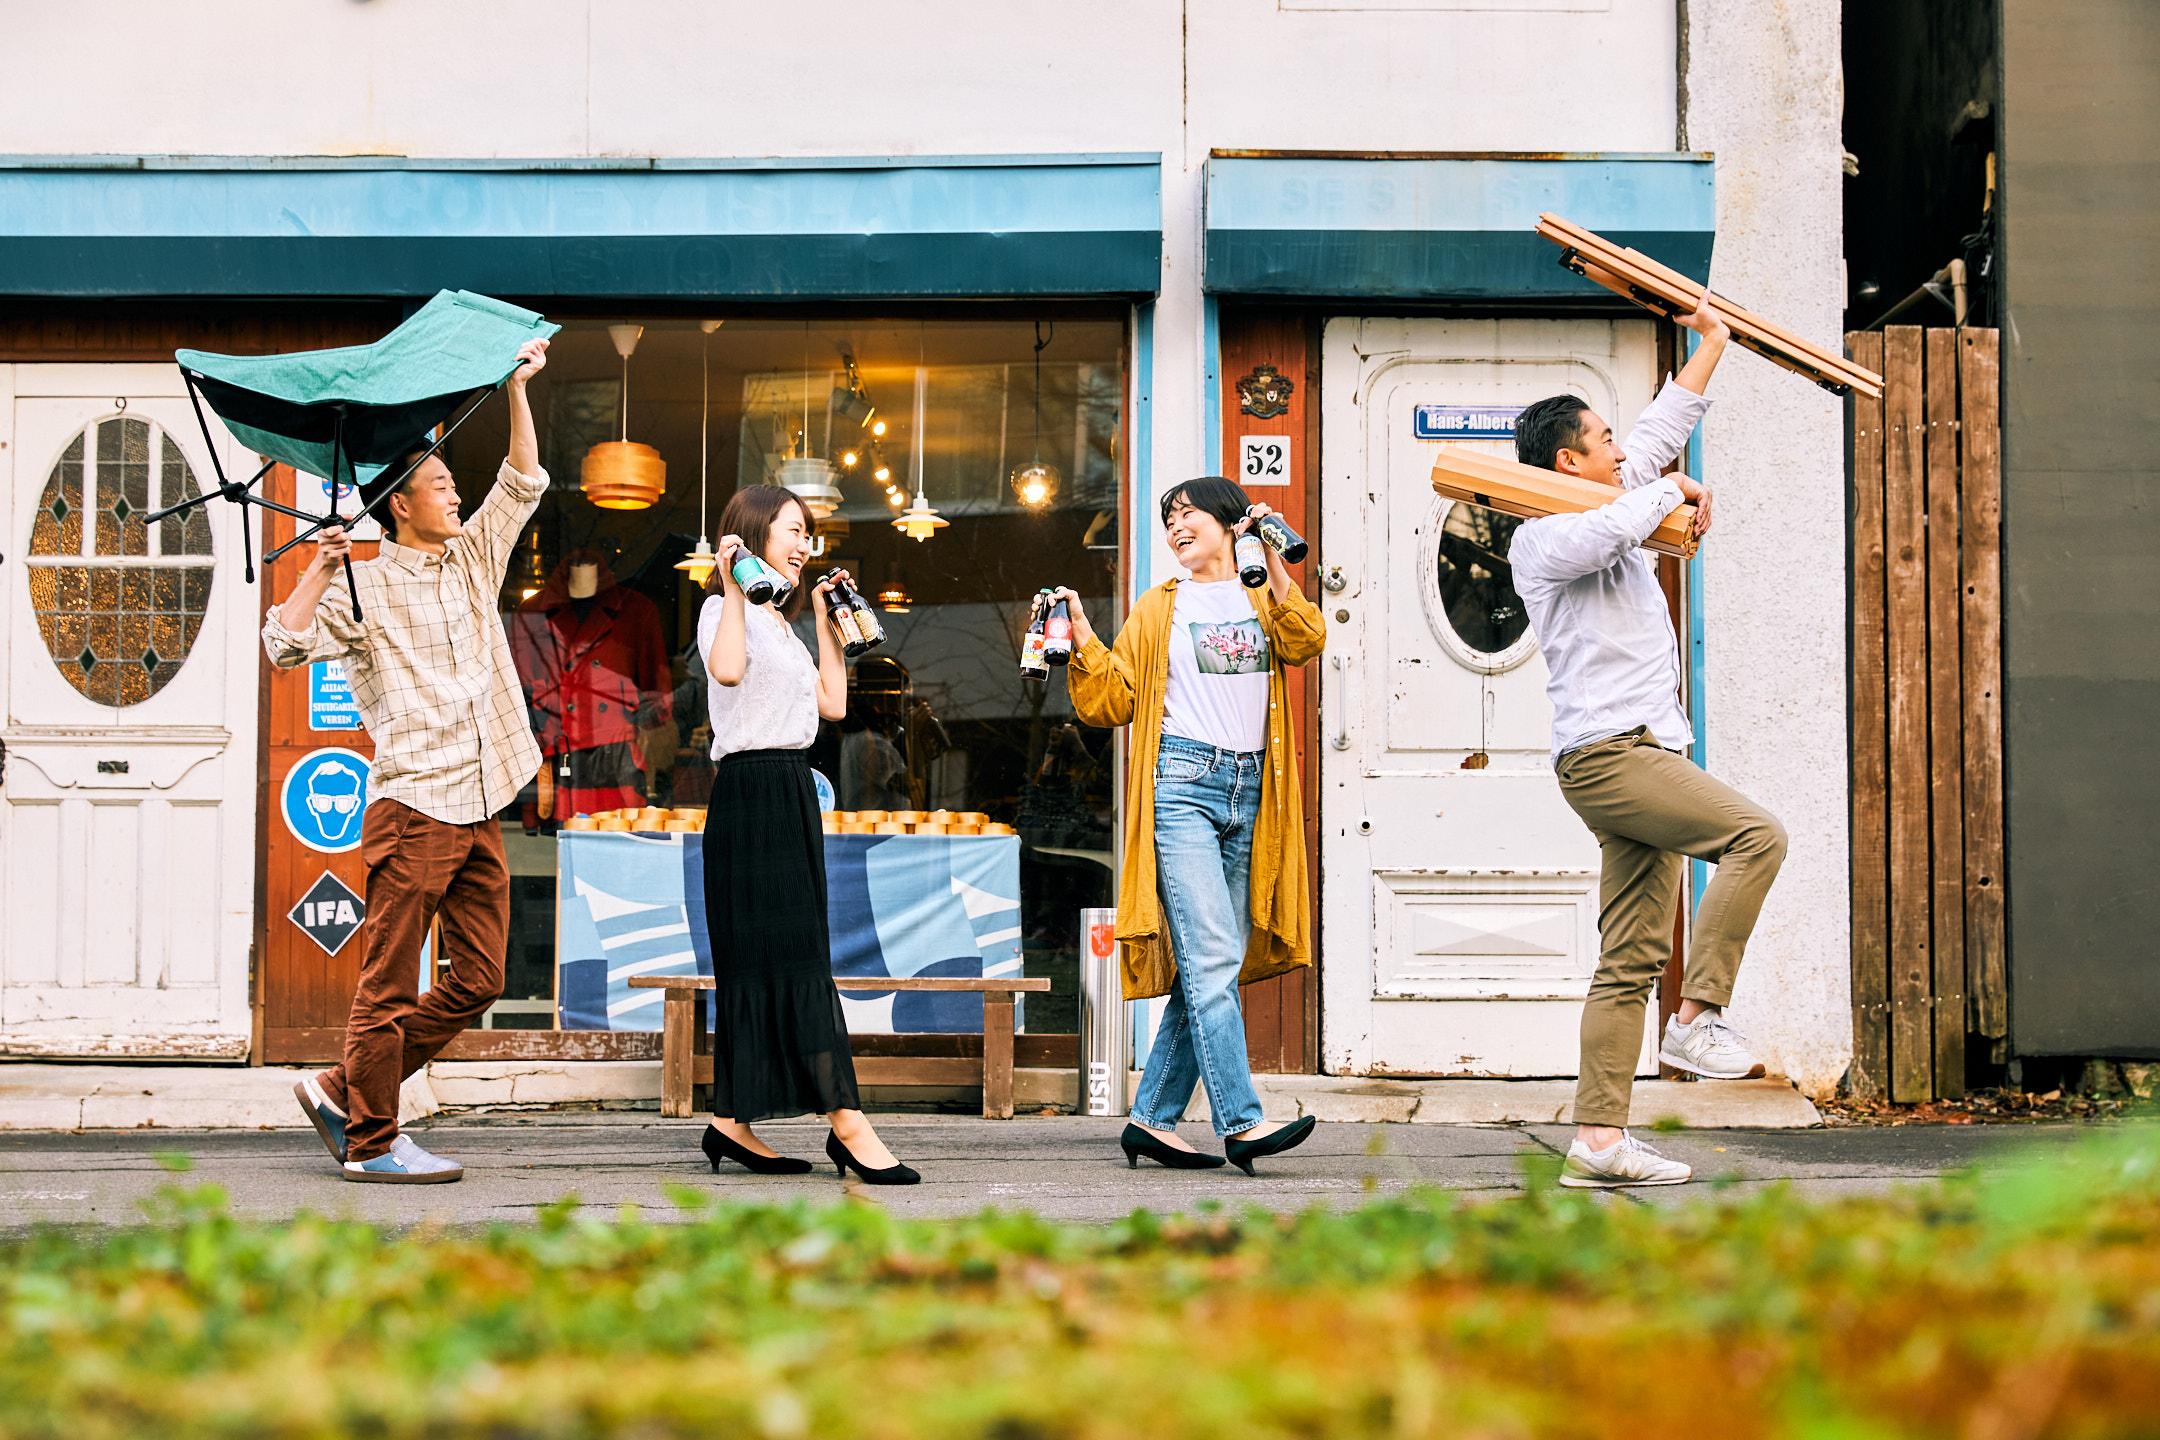 【OMO7旭川】街中がビアガーデン会場!?3密を回避したビアガーデンでクラフトビールを楽しむ「どこで...